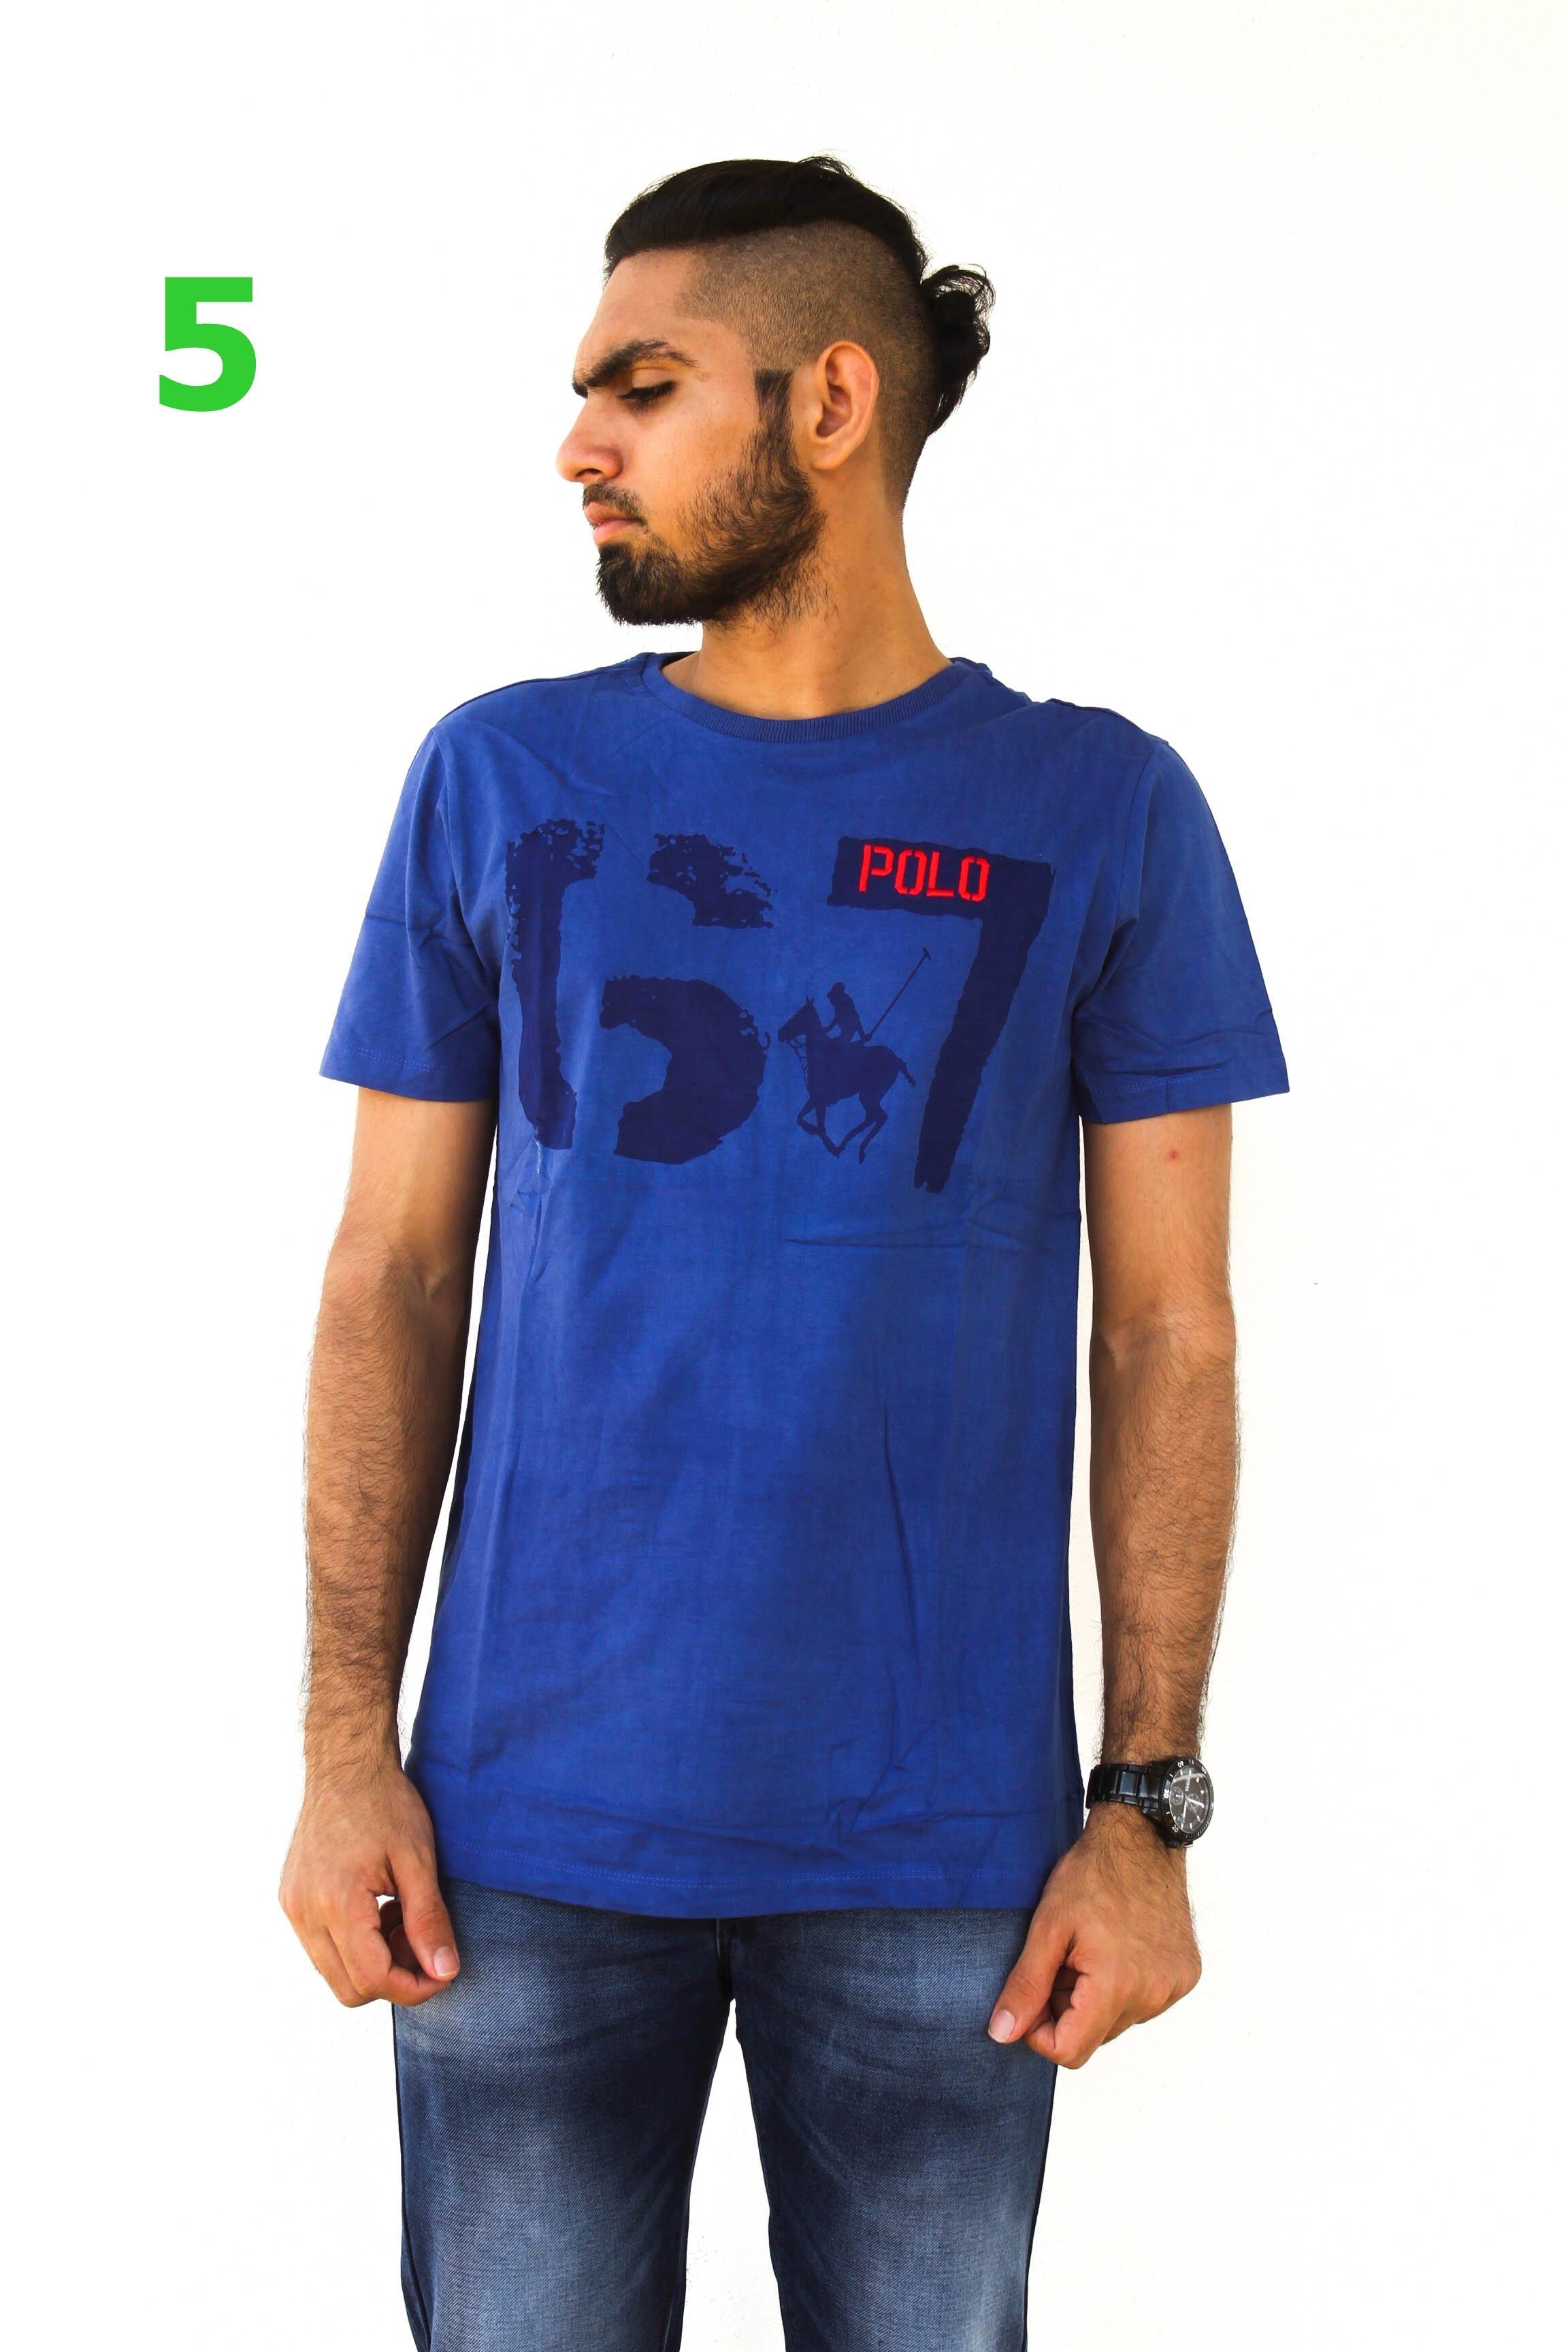 753af59e Ralph Lauren Performance 2 T-Shirt Pack (12 Designs)